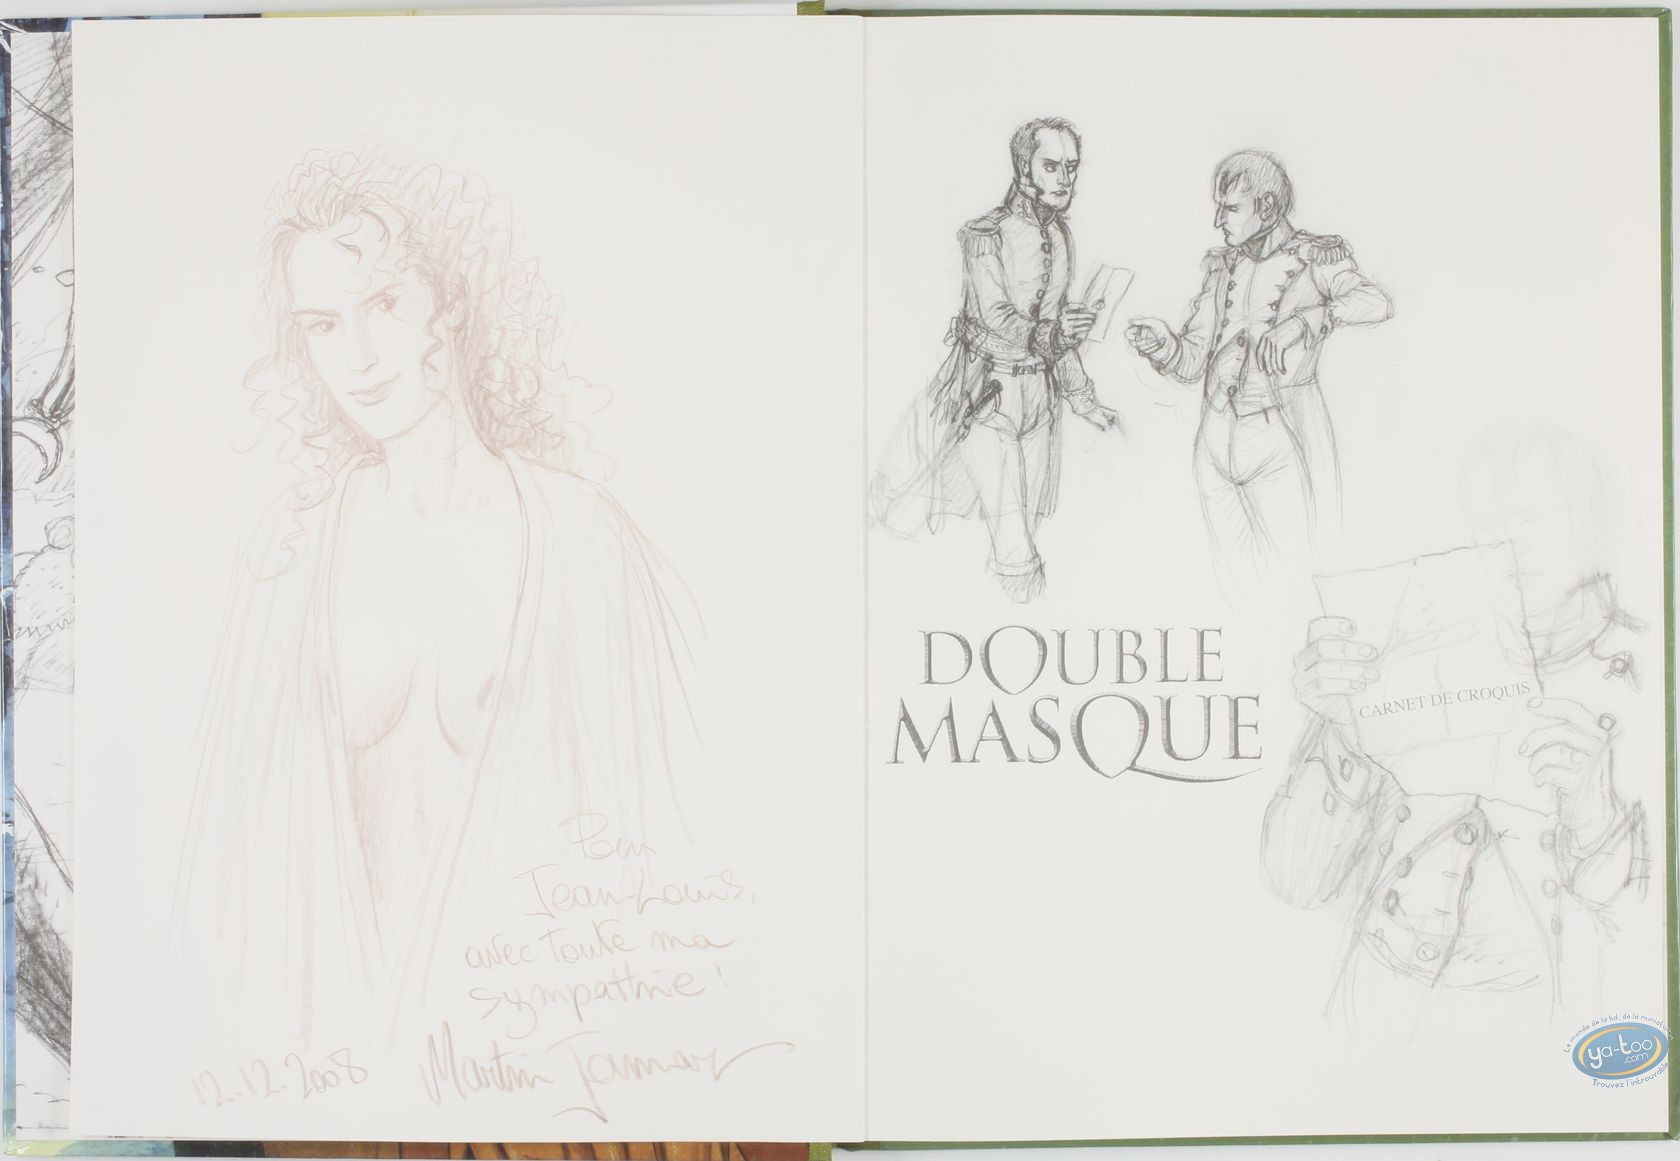 Limited First Edition, Double Masque : L'archifou - Les deux sauterelles (dedication)